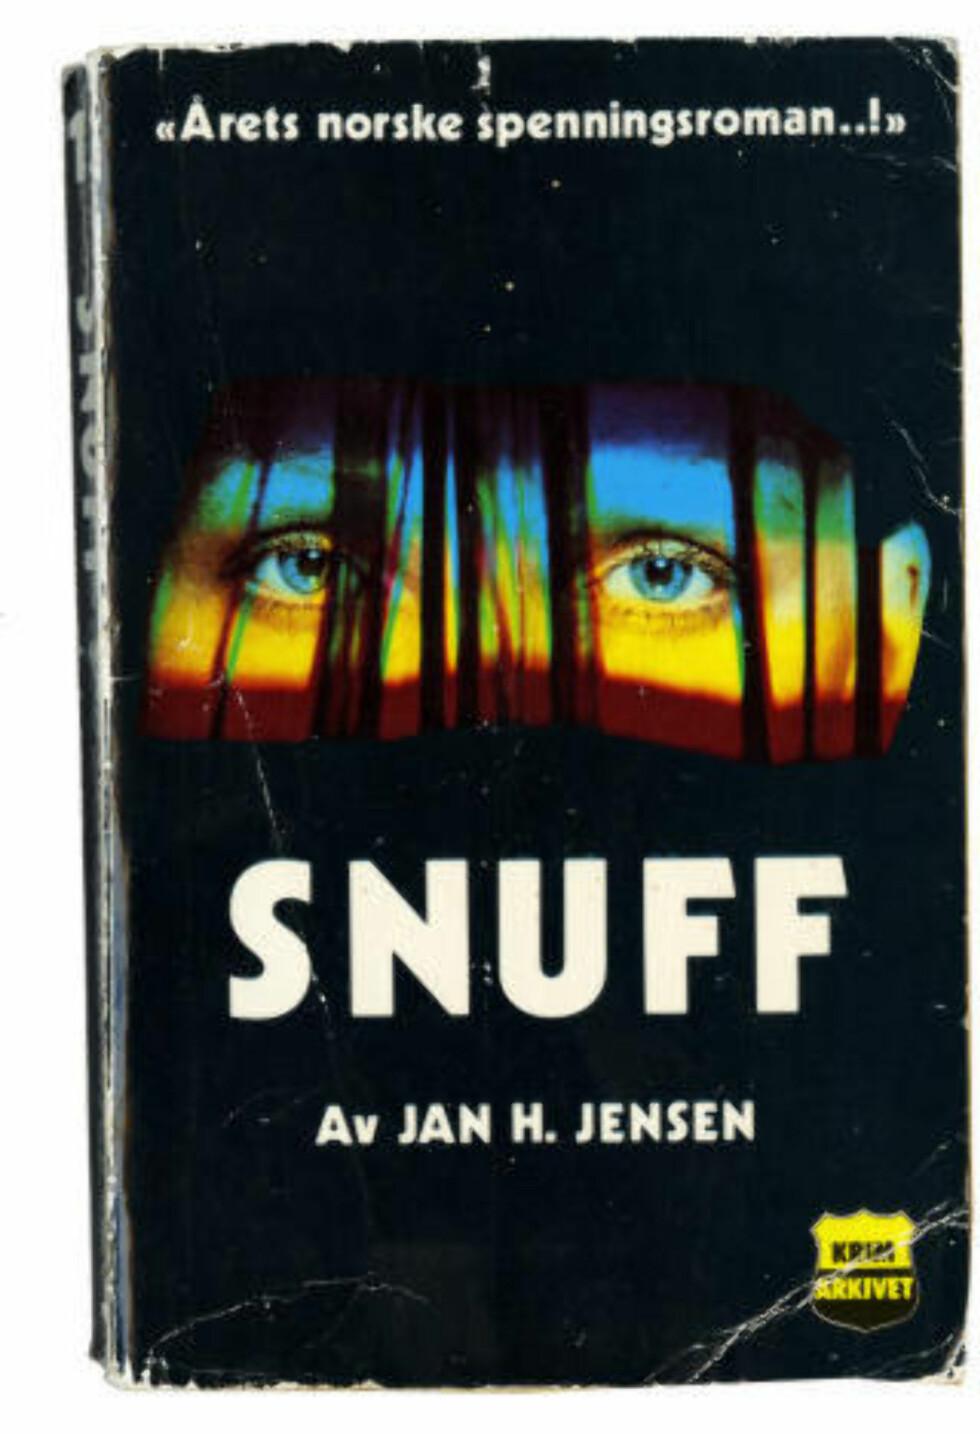 KULTBOK: «Snuff» (1982) ble Jan H. Jensens best kjente roman. Den kom på 23. plass da Dagbladet kåret tidenes norske krimromaner.